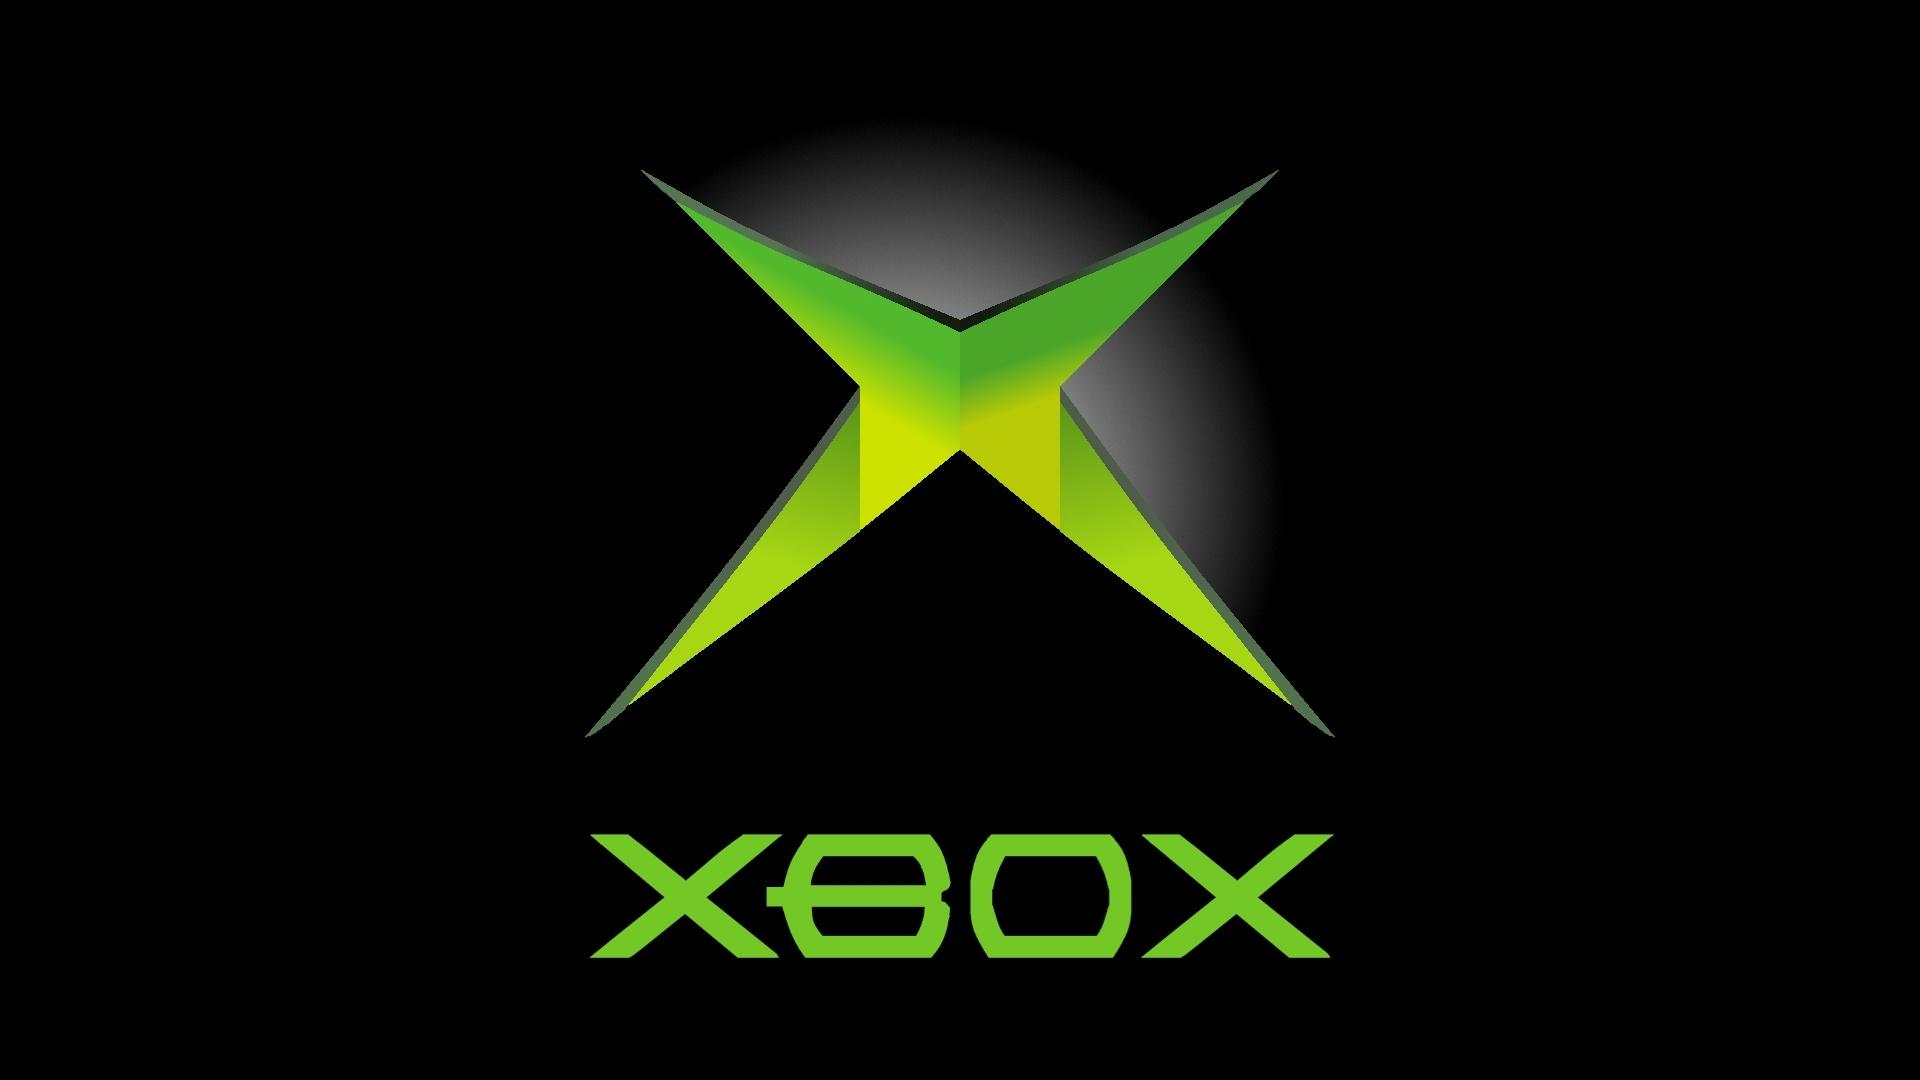 xbox-original-logo